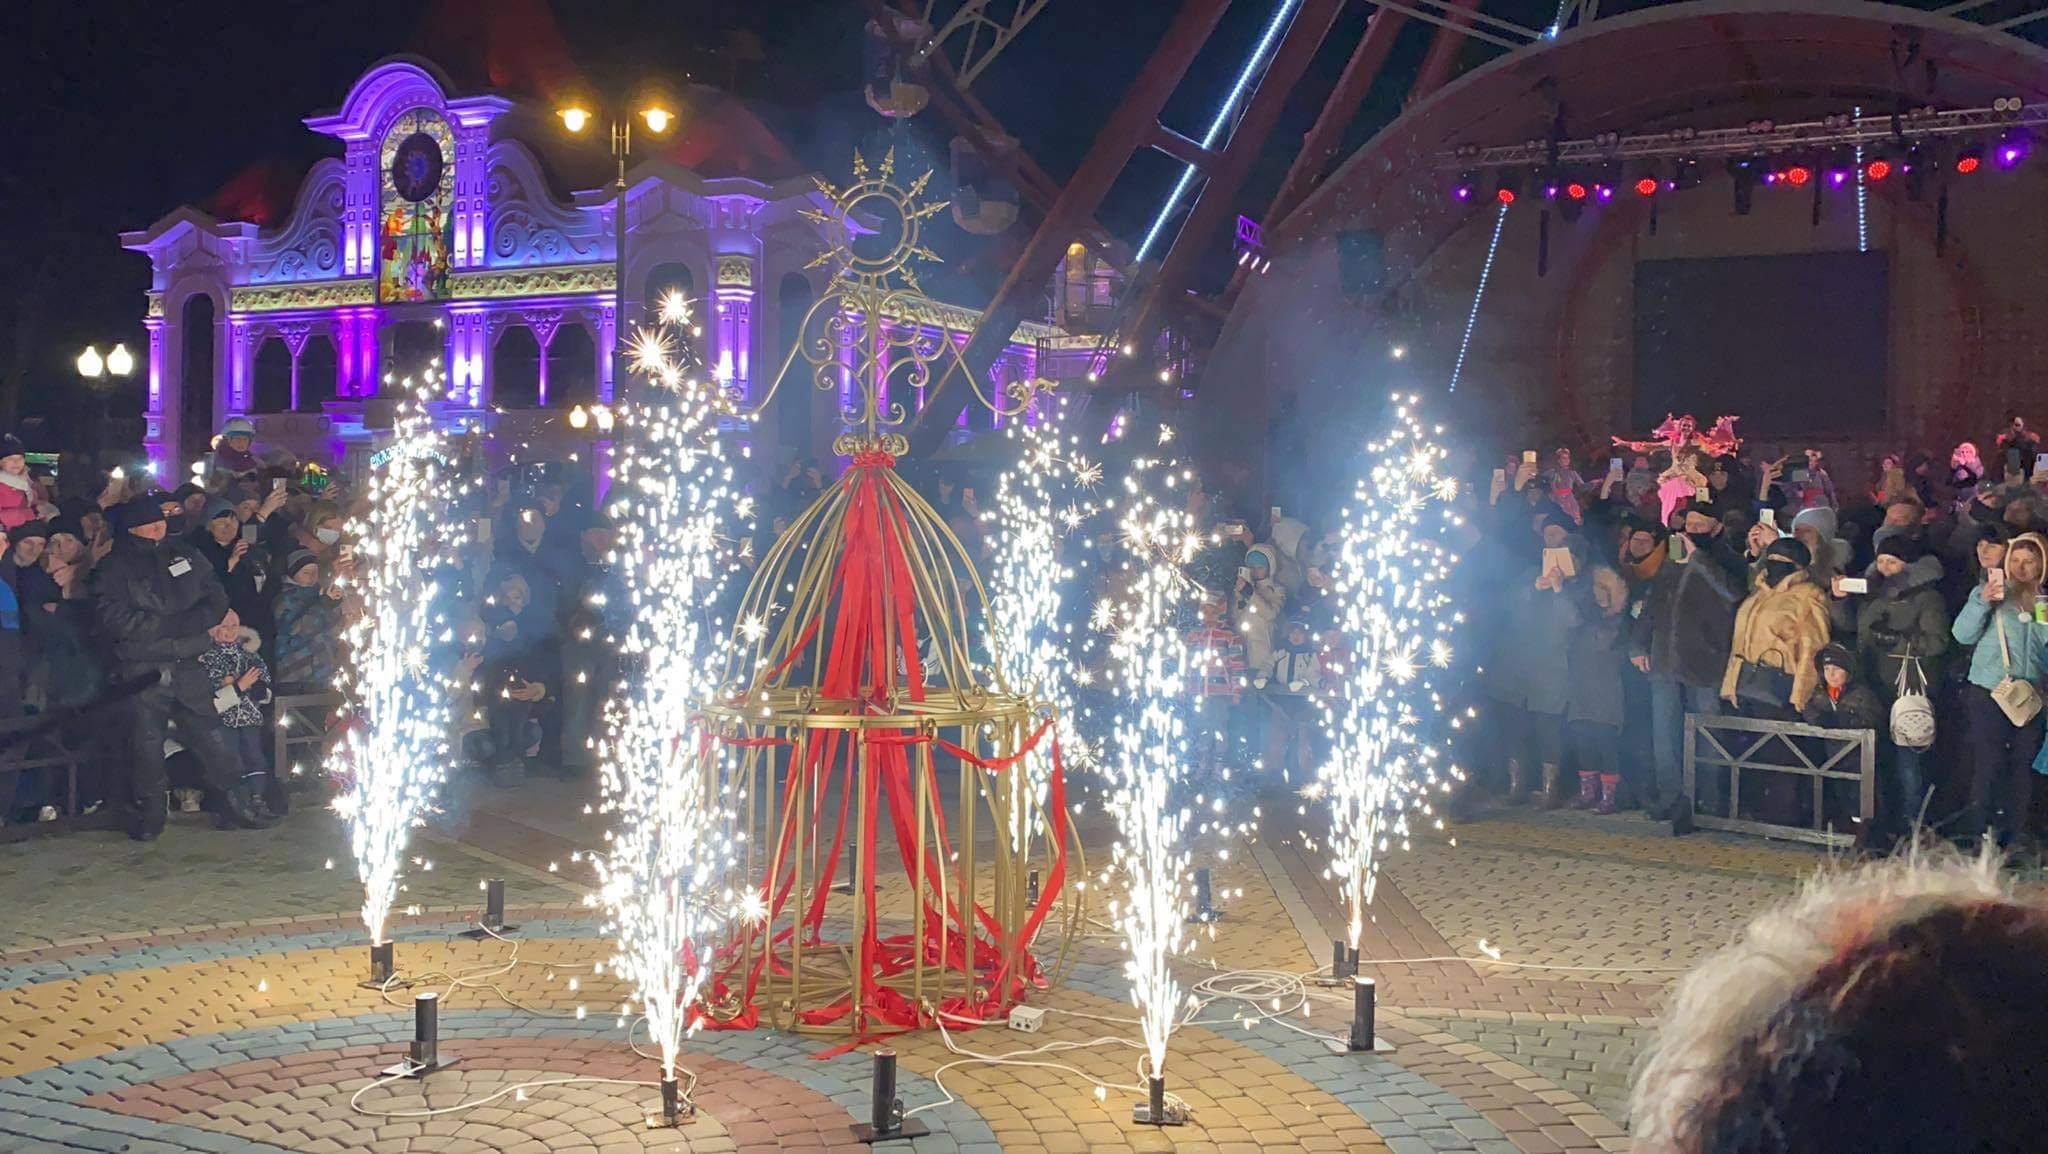 """Песни, танцы и """"сожжение"""" Марены: в парке Горького отметили Масленицу (фото, видео)"""